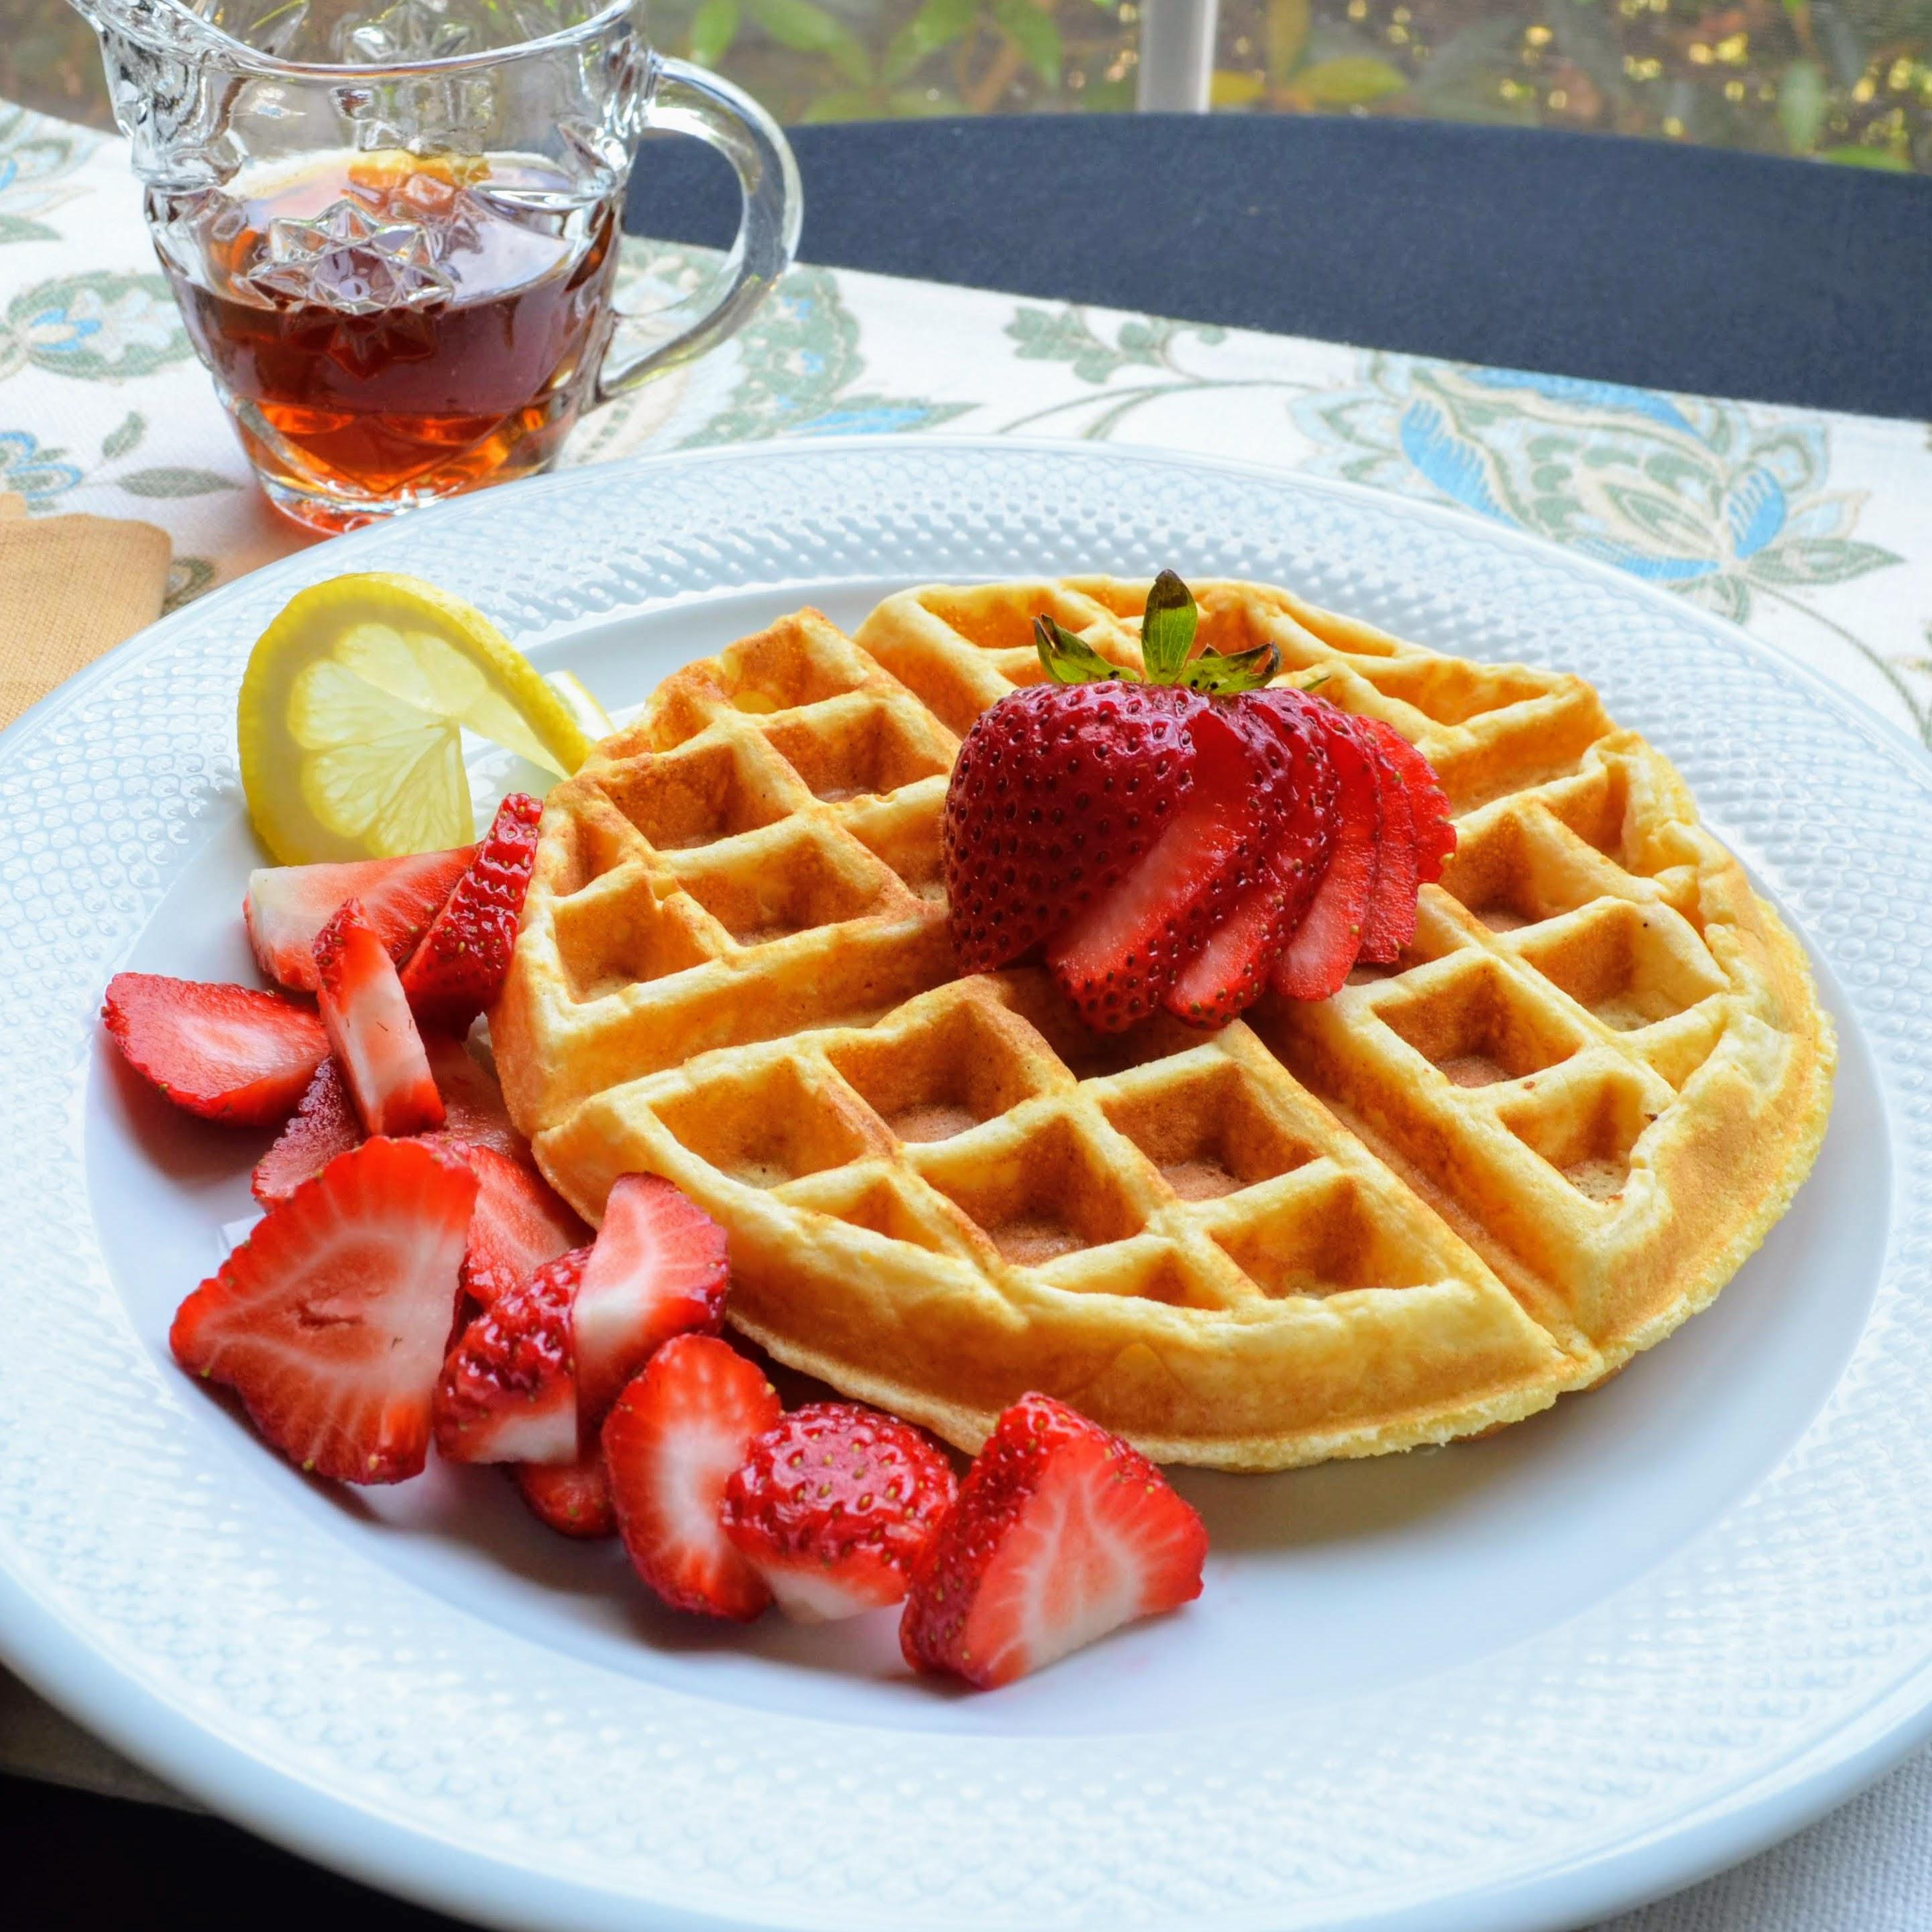 Lemon-Ricotta Cornmeal Waffles